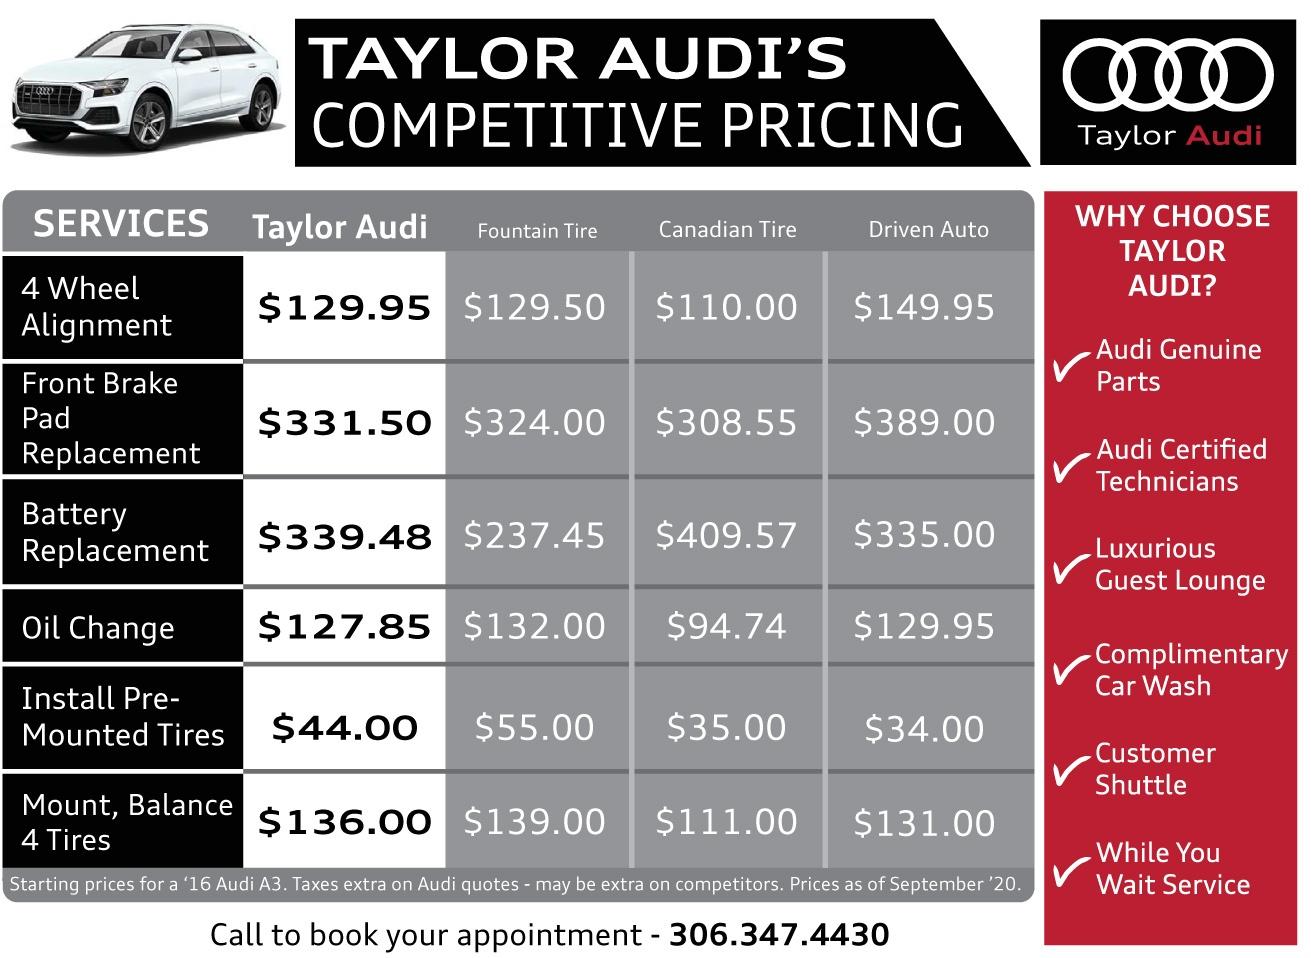 Price Comparison Chart Taylor Audi - Sept '20.ai